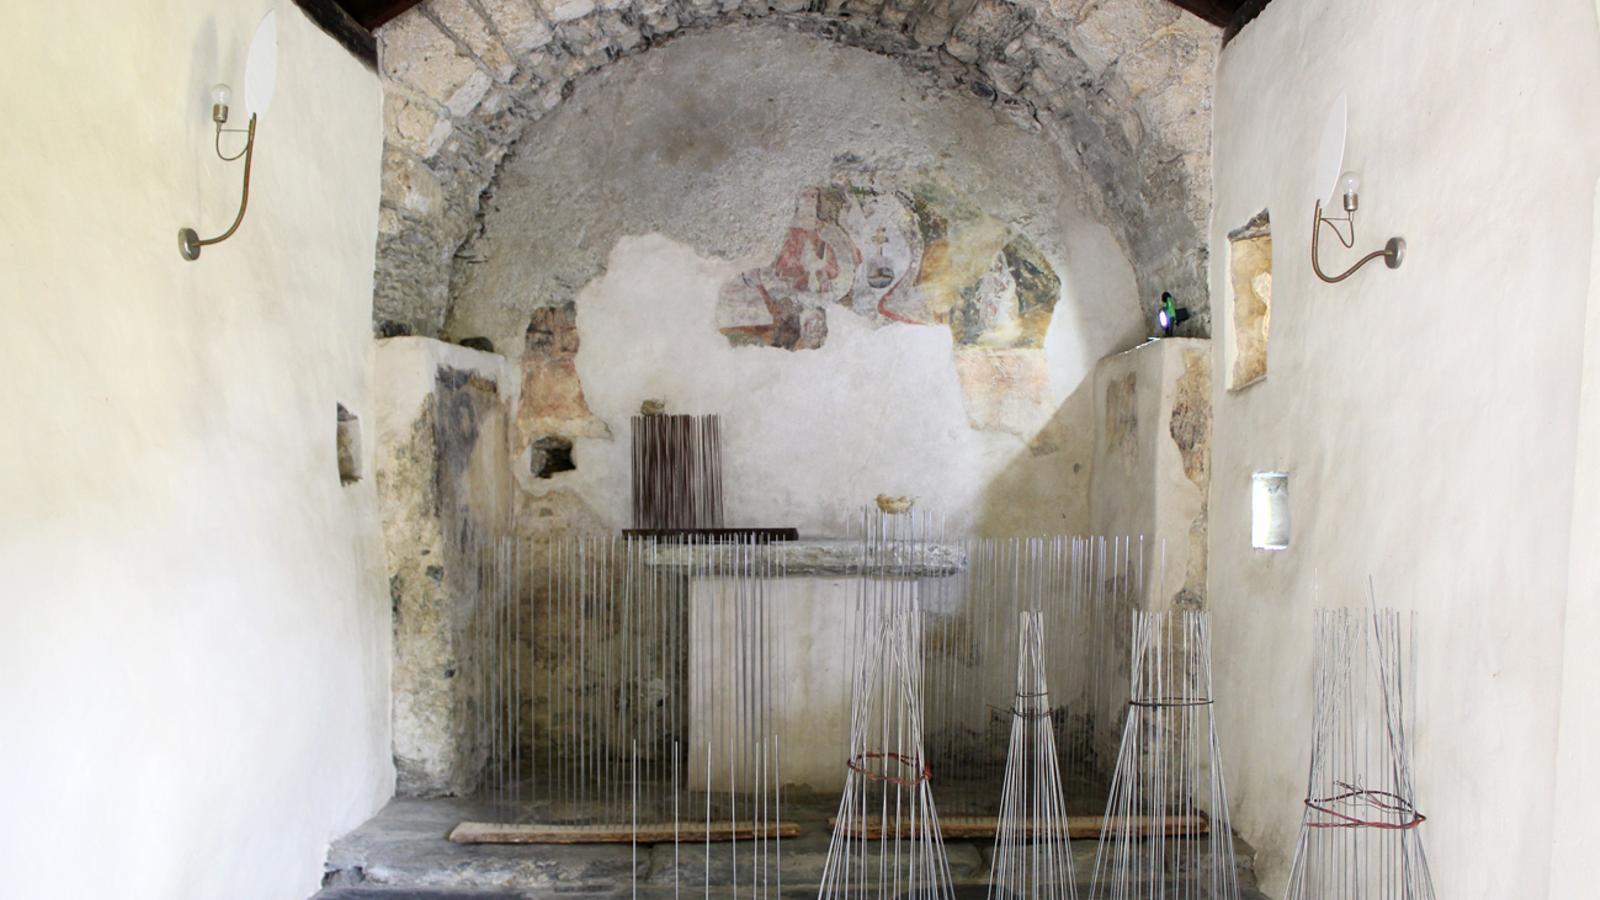 Part de la instal·lació de l'artista Laura Maresc a la capella de Santa Bàrbara. / T. N.